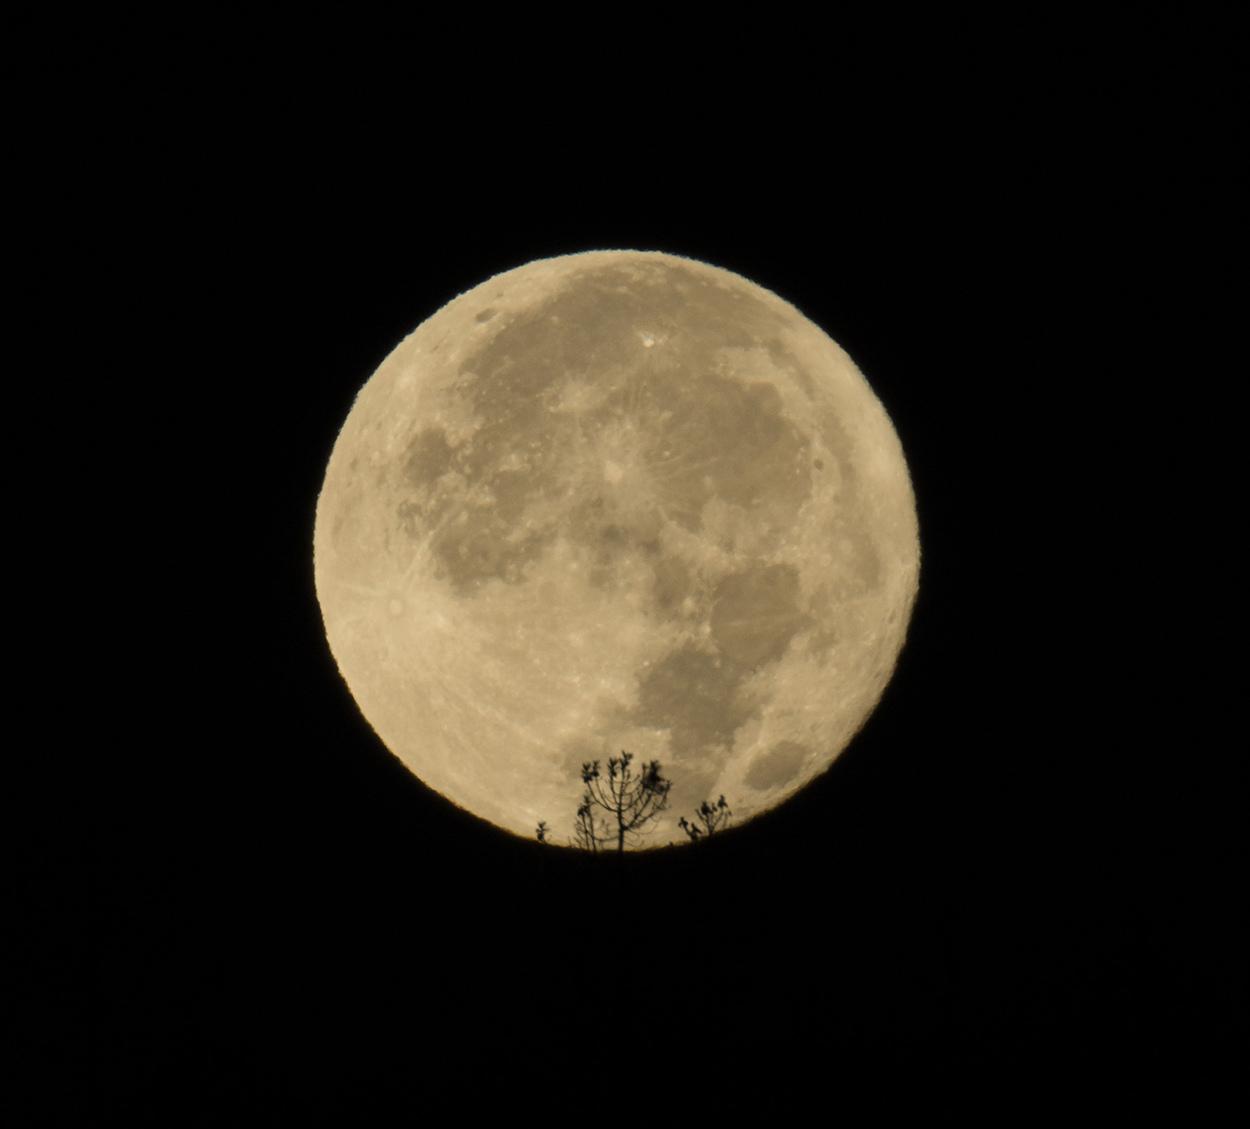 la lune,  au matin du 06/10/2017  (31650 rawjpegasreca.jpg)